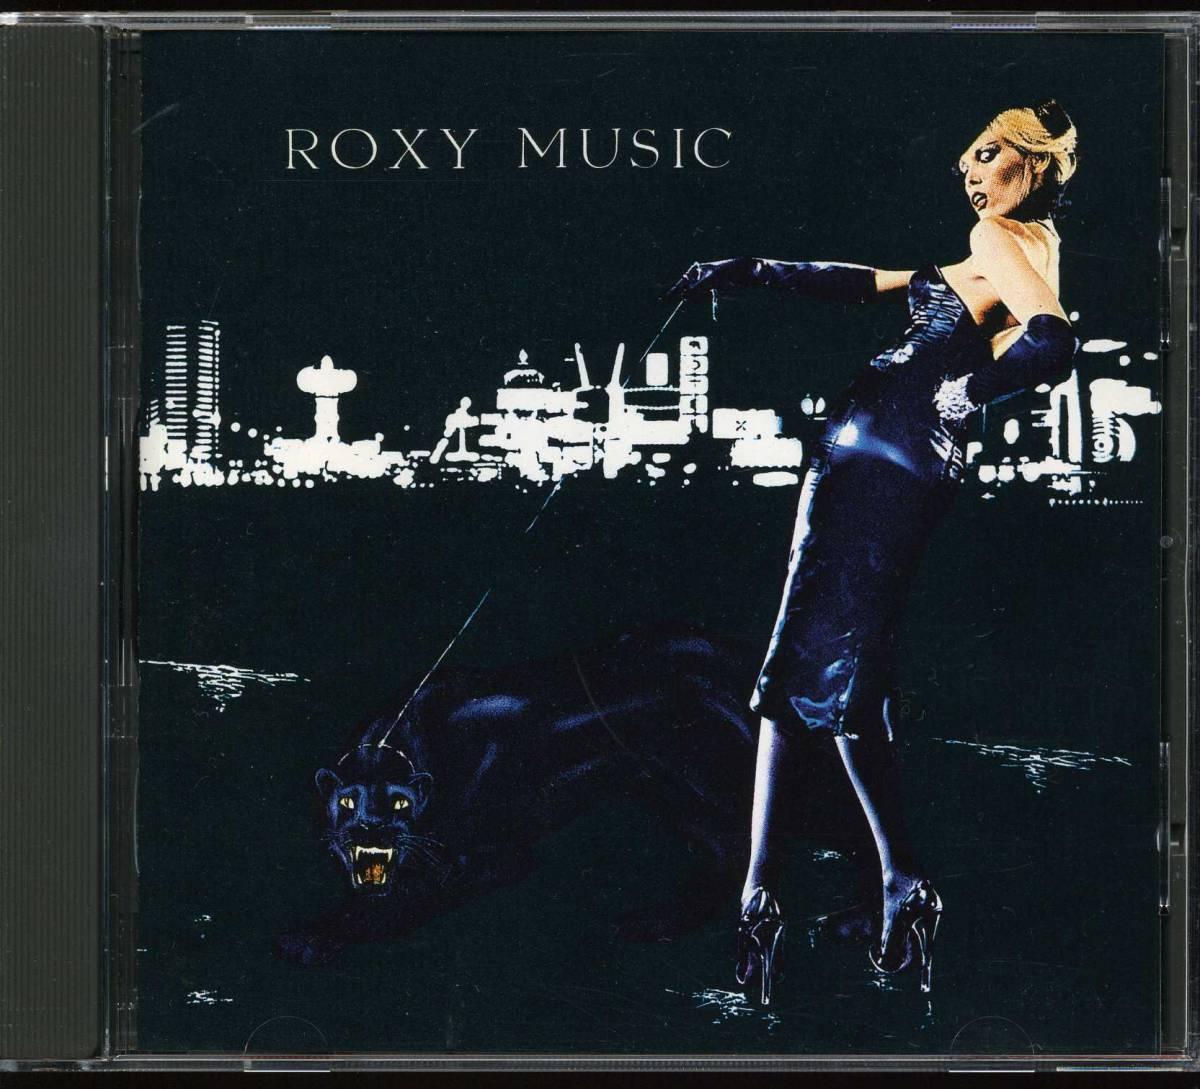 ロキシー・ミュージック Roxy Music フォー・ユア・プレジャー For Your Pleasure_画像1